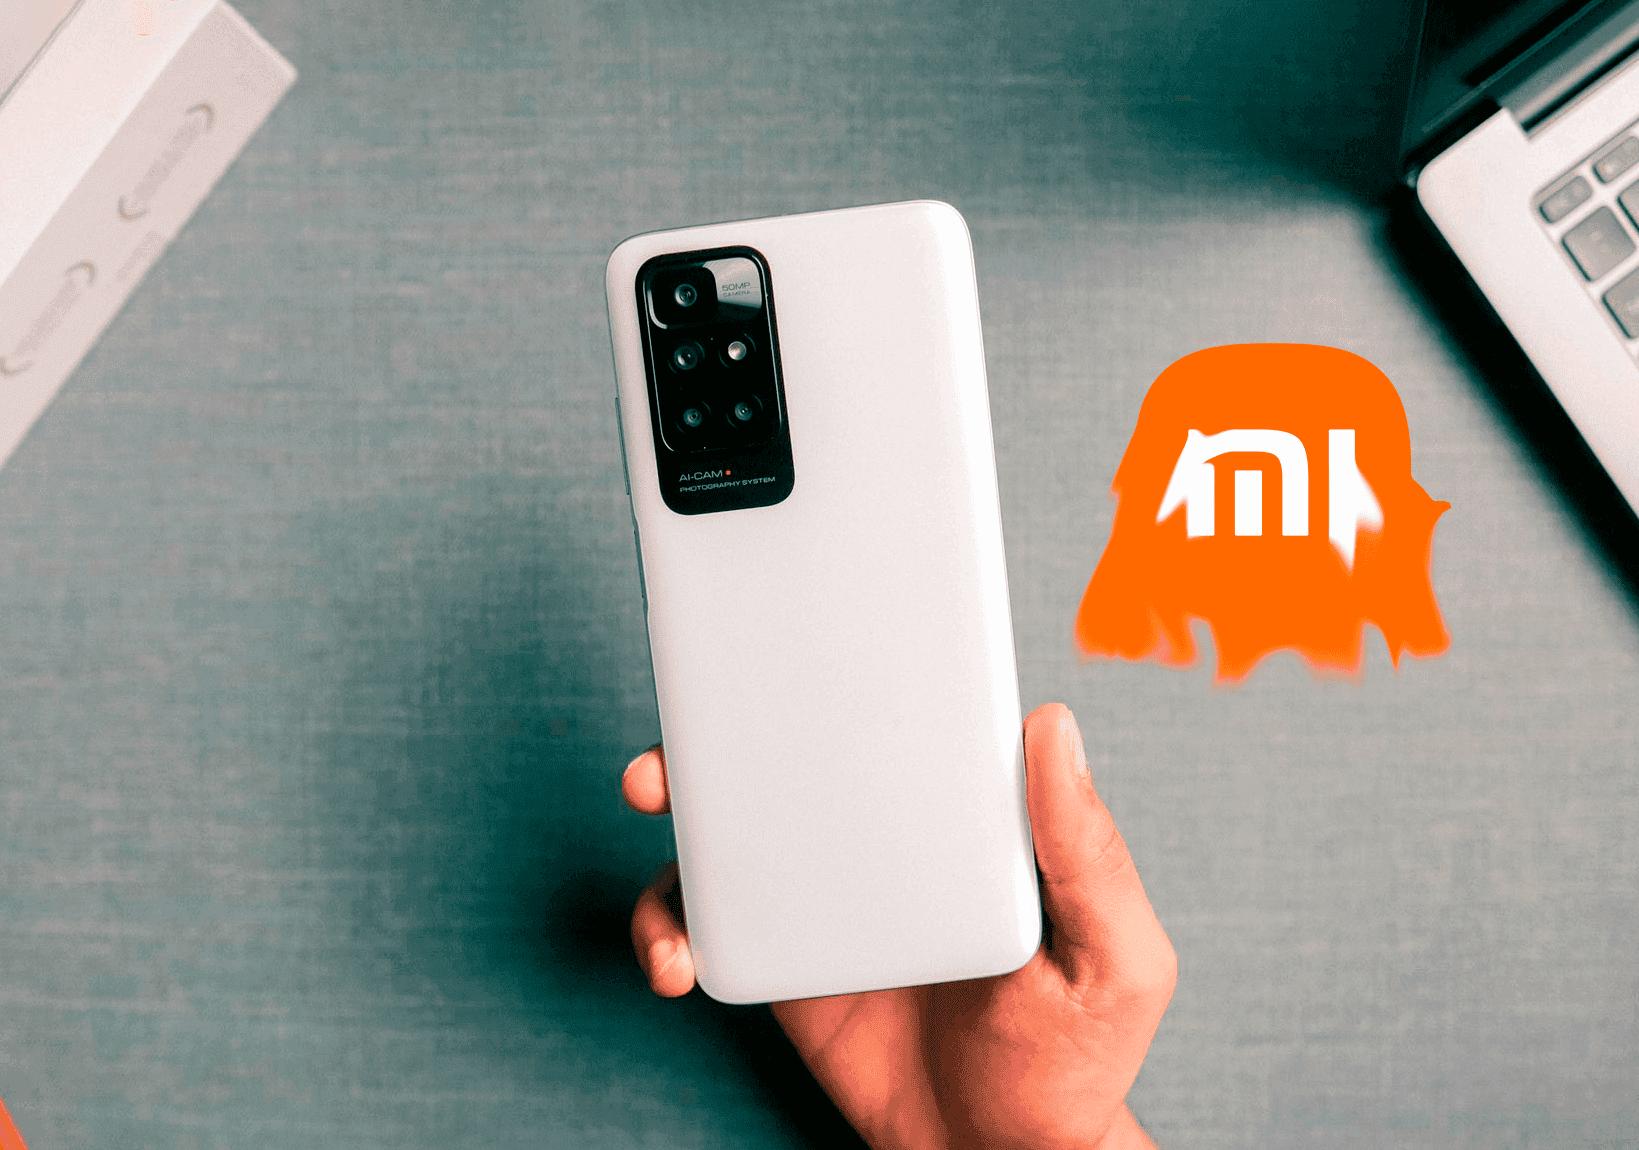 ¿Deberías comprar un Xiaomi con MIUI 12? La odisea de problemas que no cesa